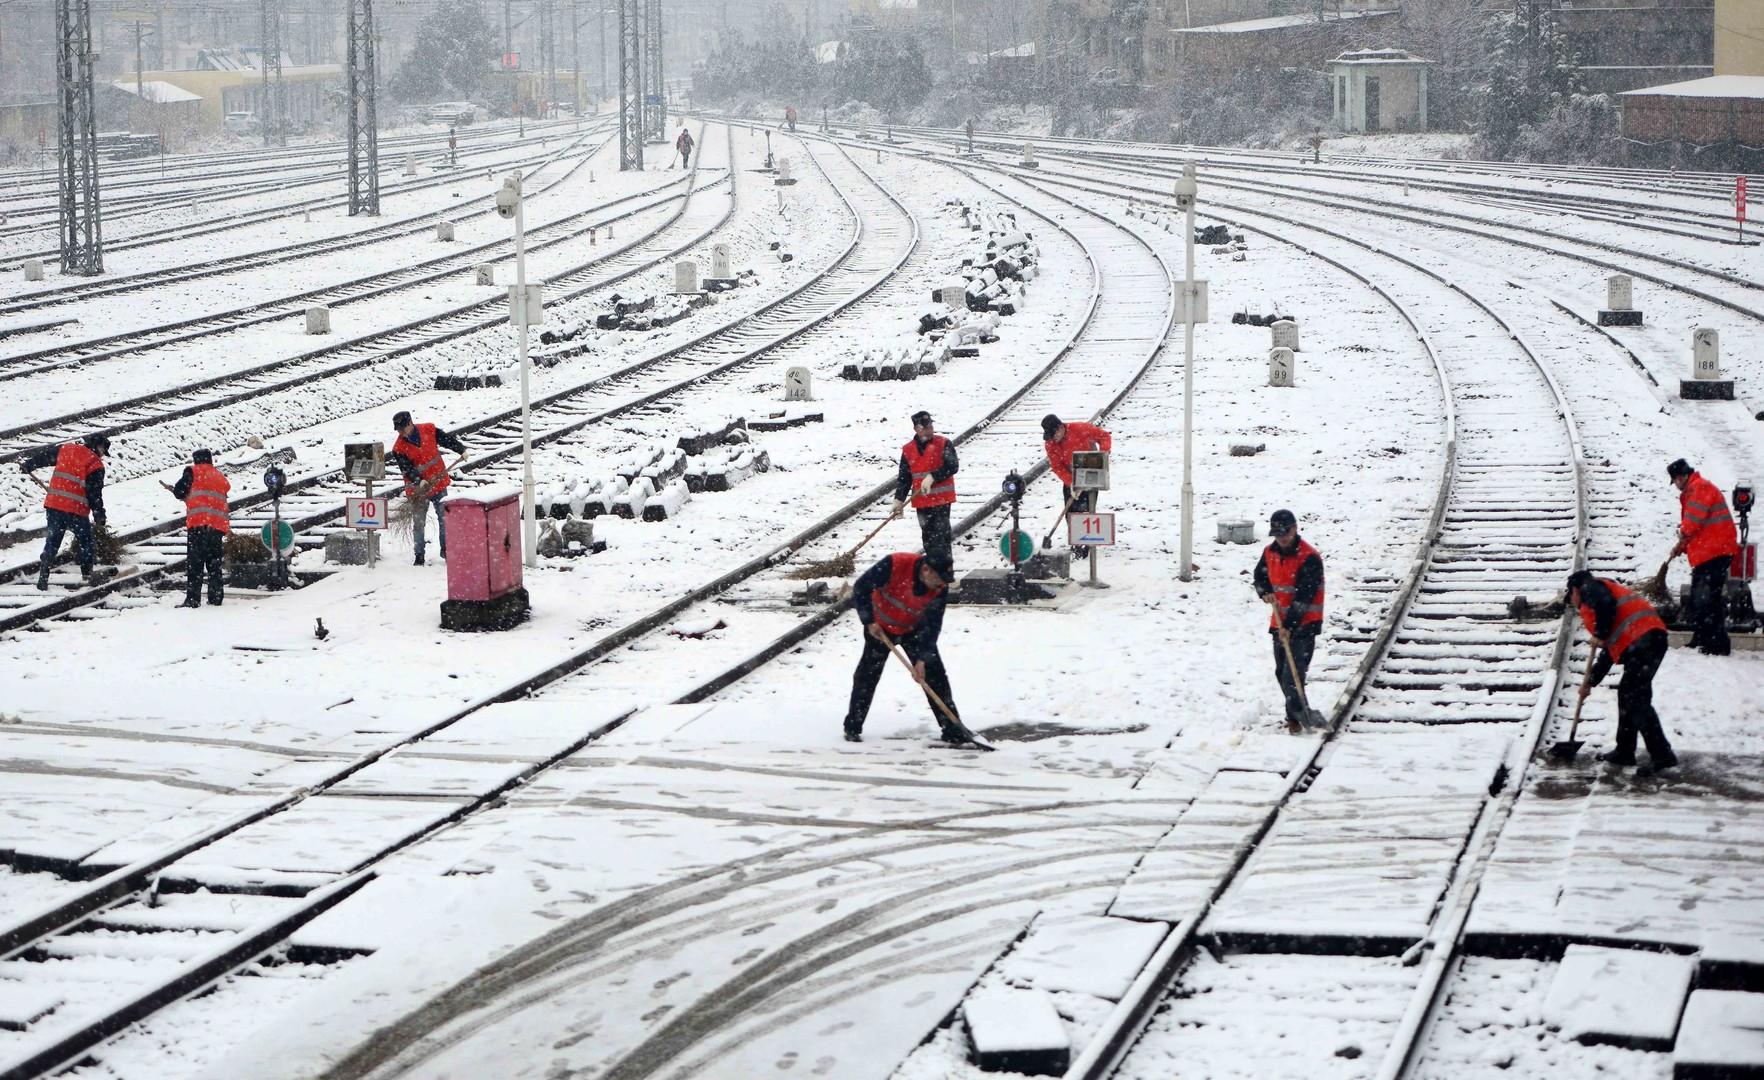 En Chine, des avions et des trains ont dû être annulés